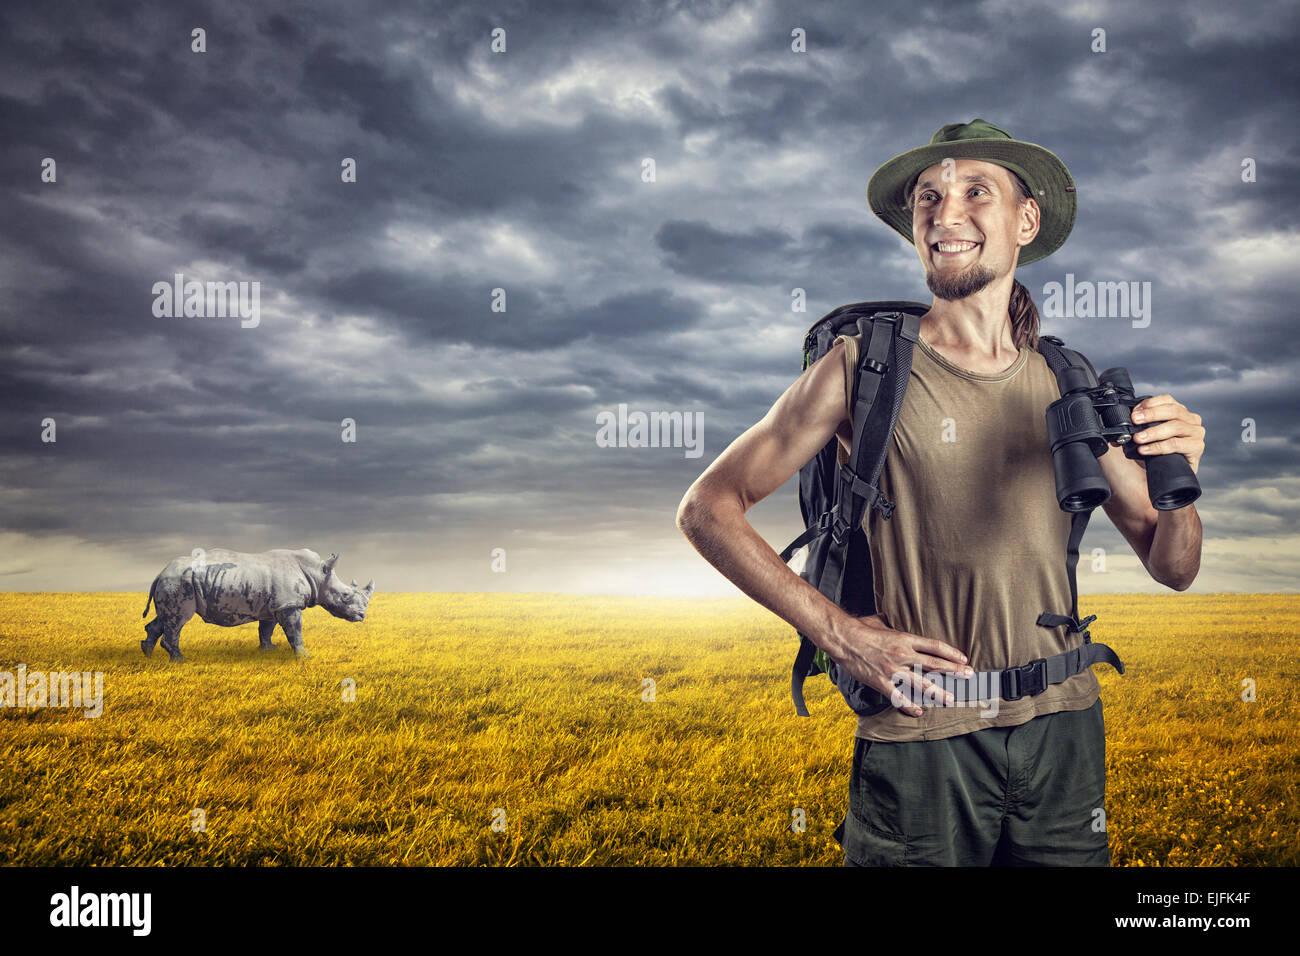 Homme avec des jumelles et rhino derrière dans les prairies au coucher du soleil Ciel couvert Photo Stock